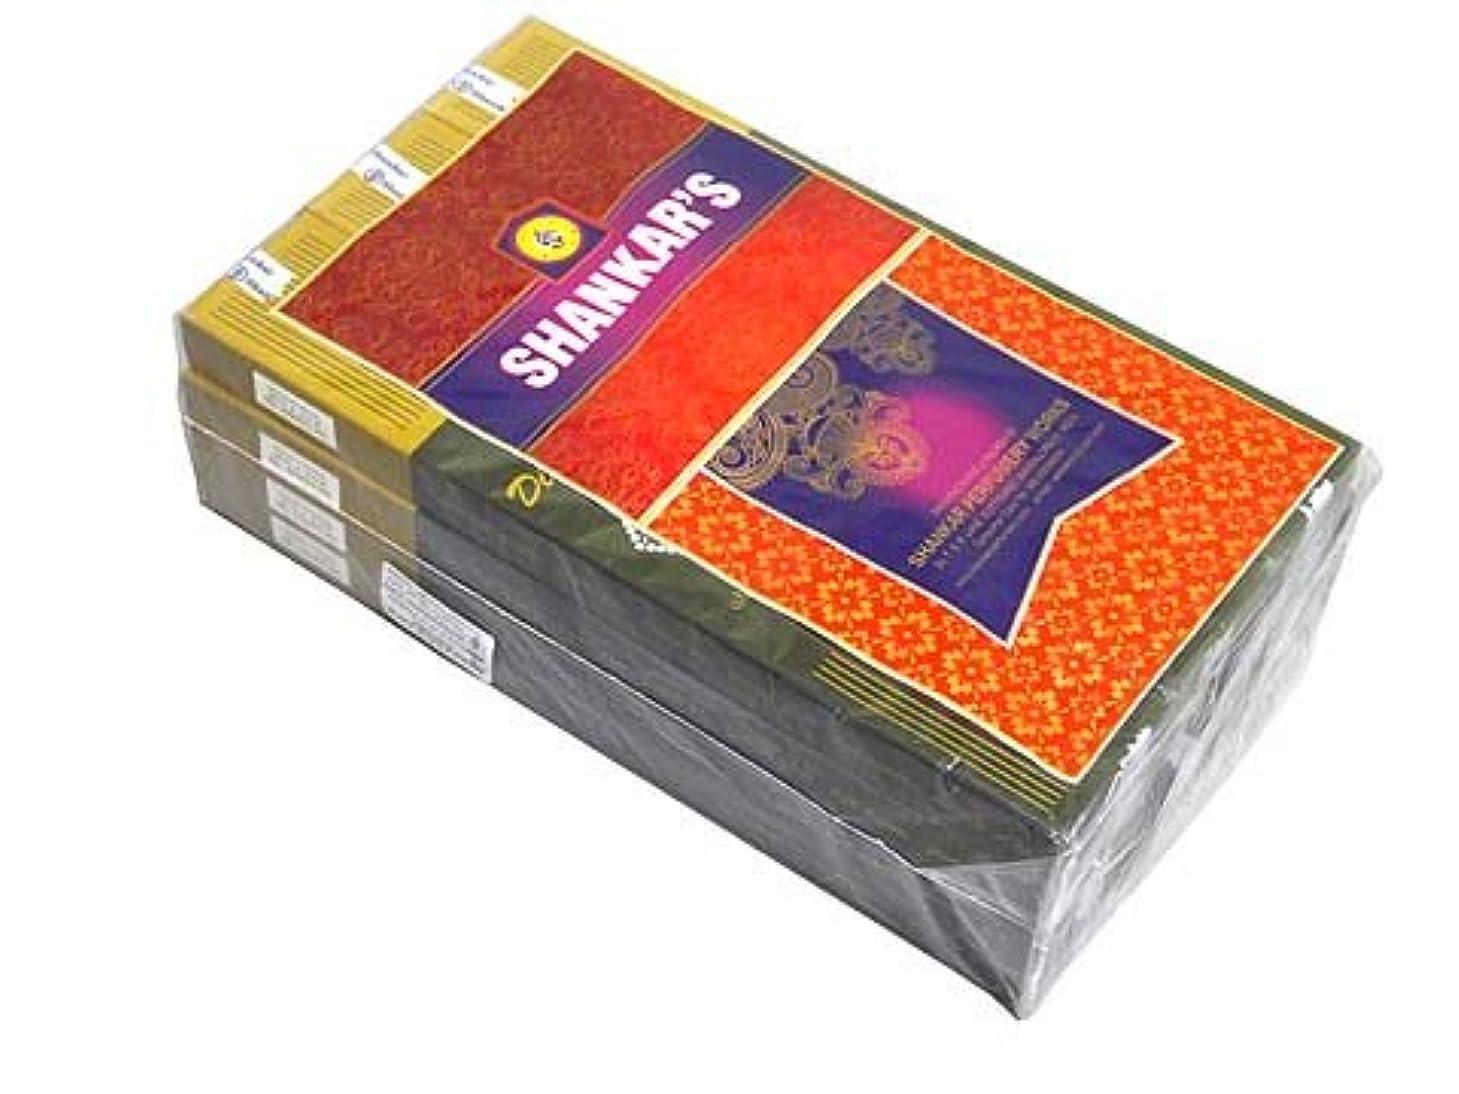 さわやか運動添付SHANKAR'S(シャンカーズ) ブラックダイヤモンド香 スティック BLACK DIAMOND 12箱セット